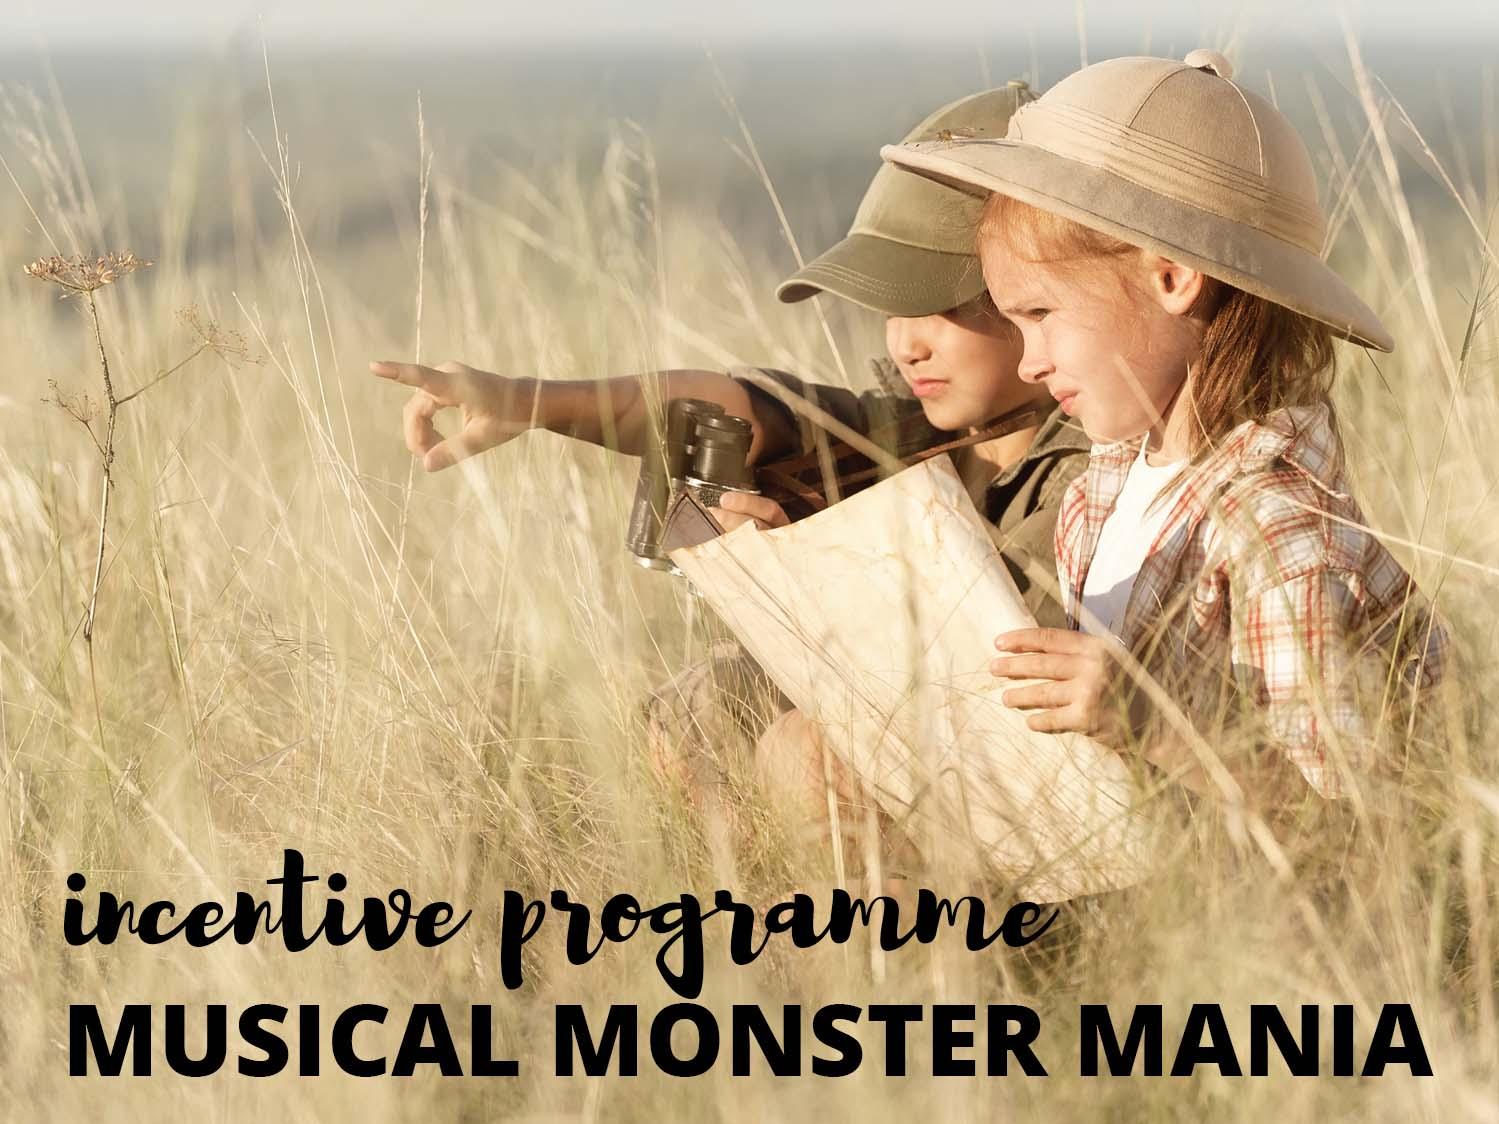 Musical Monster Mania